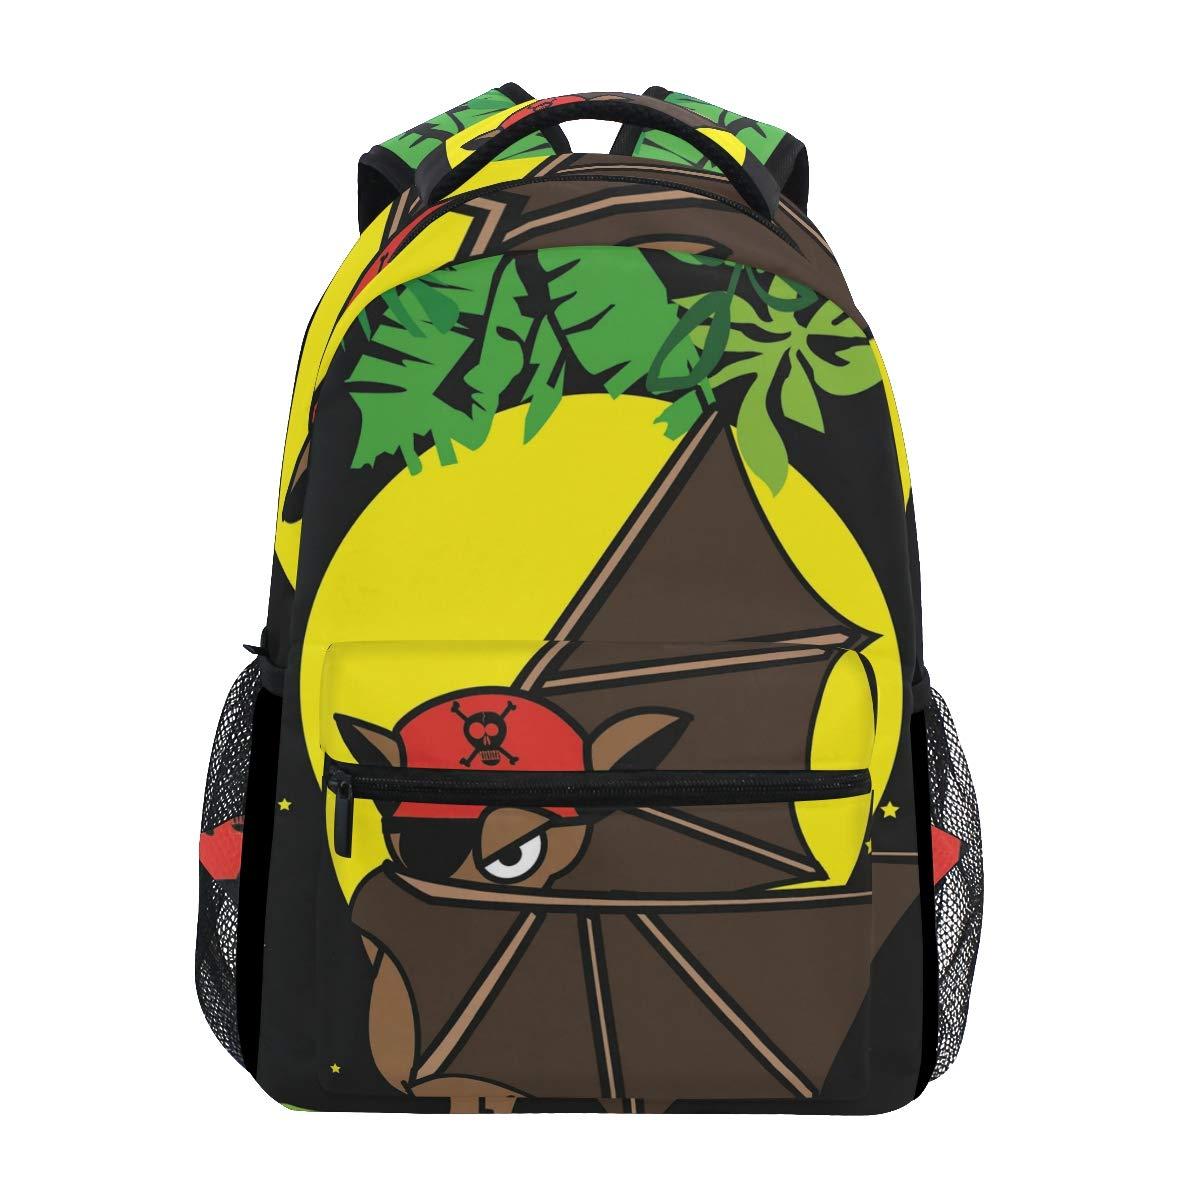 スクールバッグ バックパック 耐久性 旅行 キャンプ バックパック レディース メンズ デイパック ランチボックス 子供 大人用   B07KVWJPCD